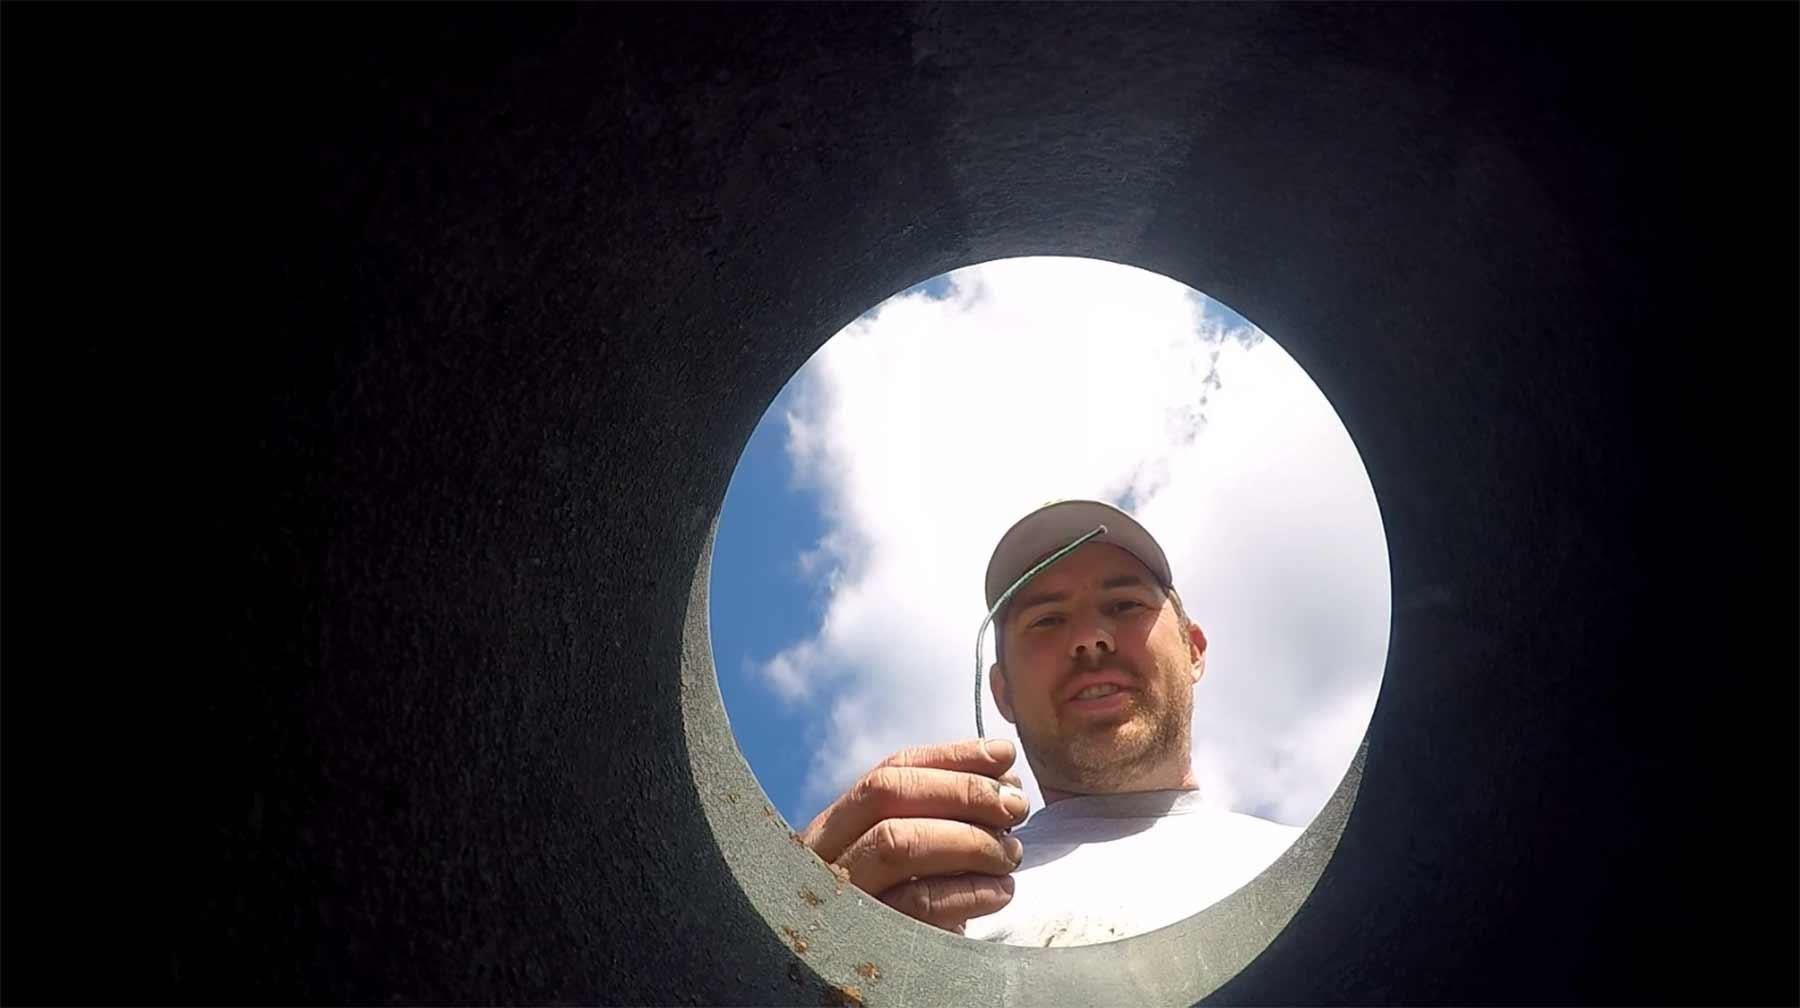 Kanonenkugel mit montierter GoPro-Kamera abschießen